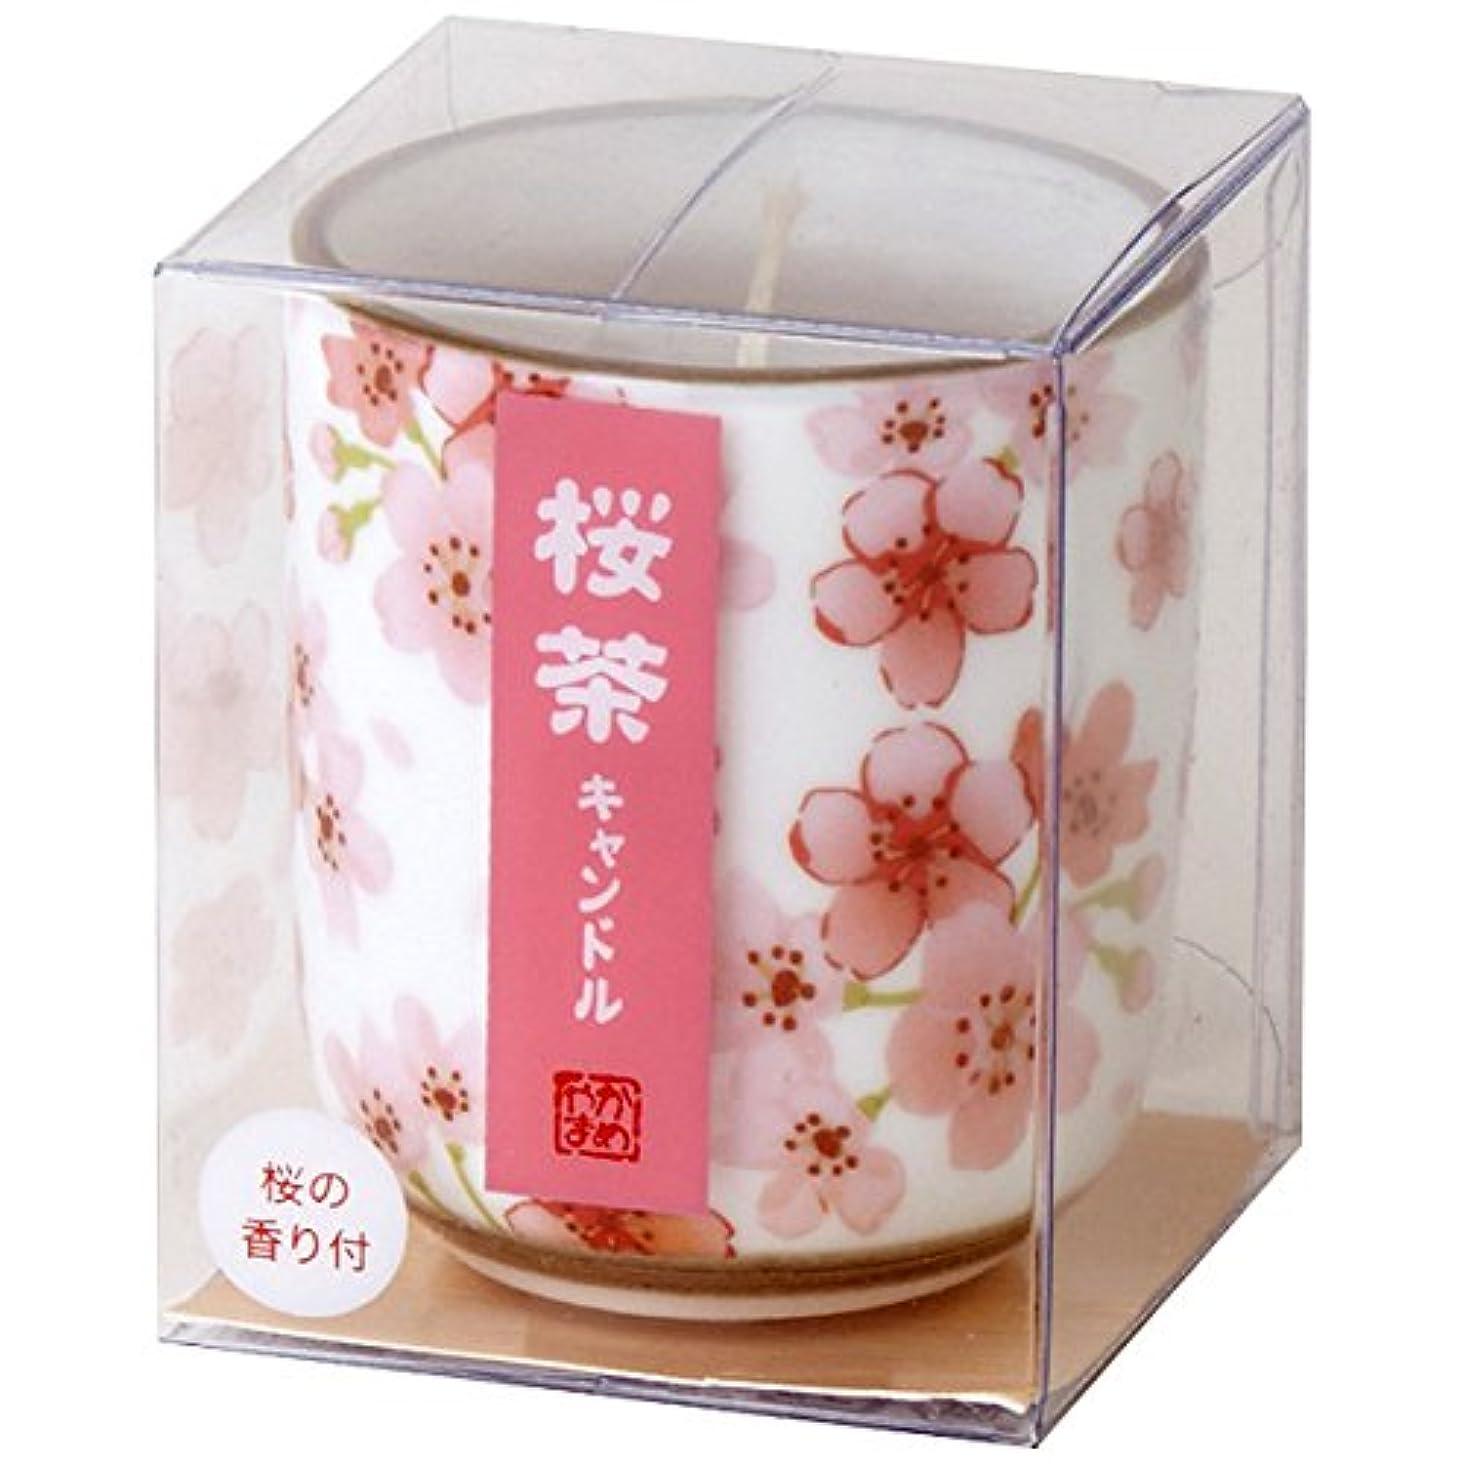 水曜日とんでもない提供桜茶キャンドル(小) 86580010